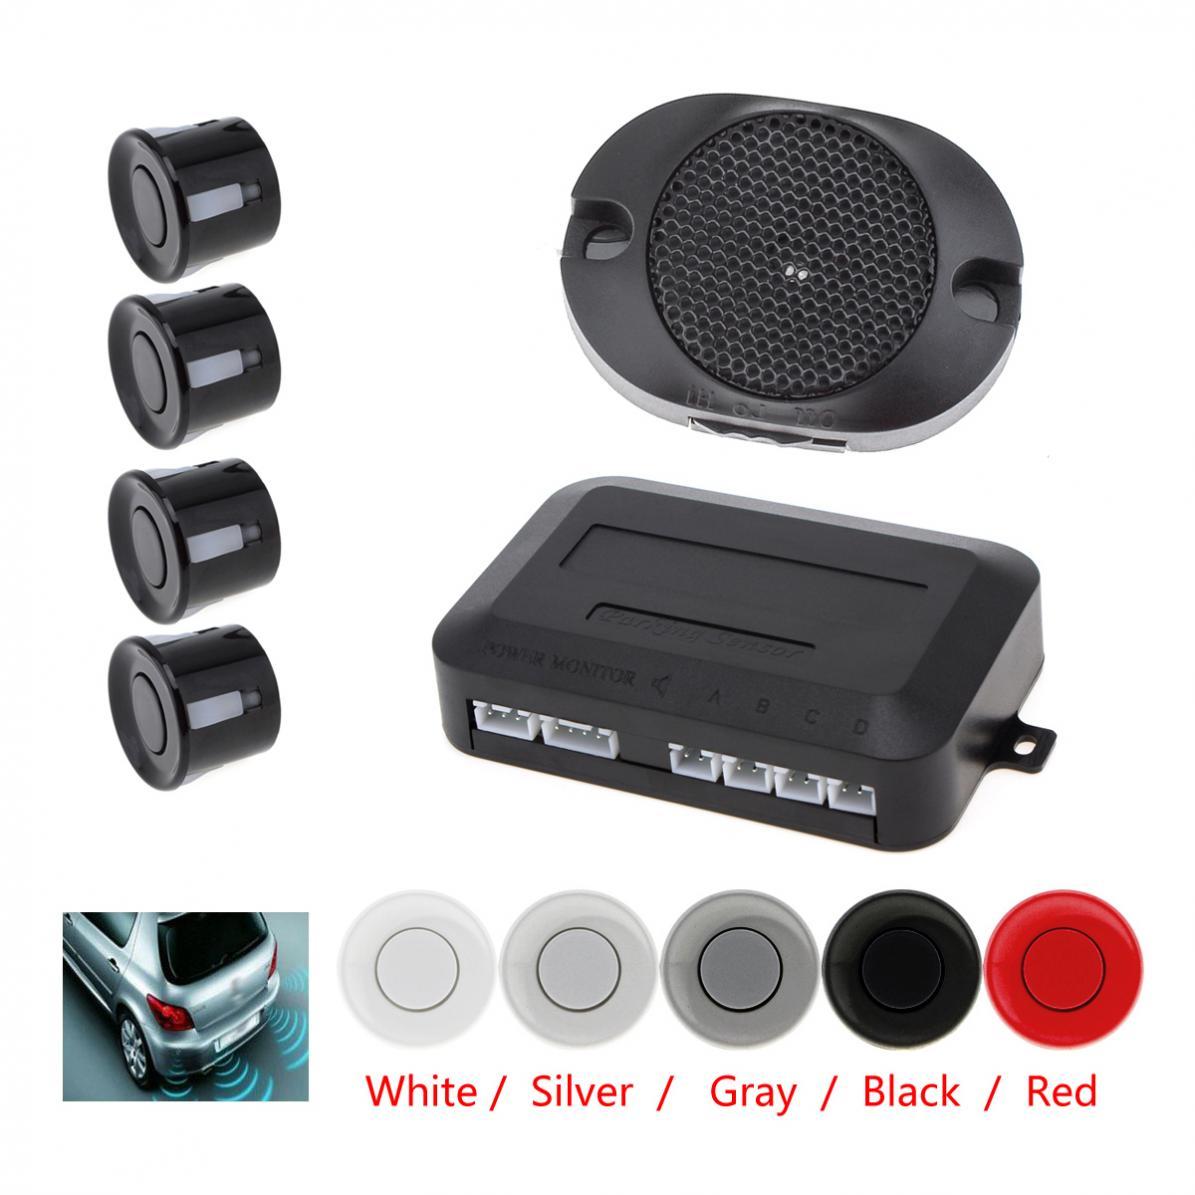 4 sensoren Universal Auto Parkplatz Sensor System mit Akustischer Alarm 12V Wasserdicht Zurück Auto Assistent